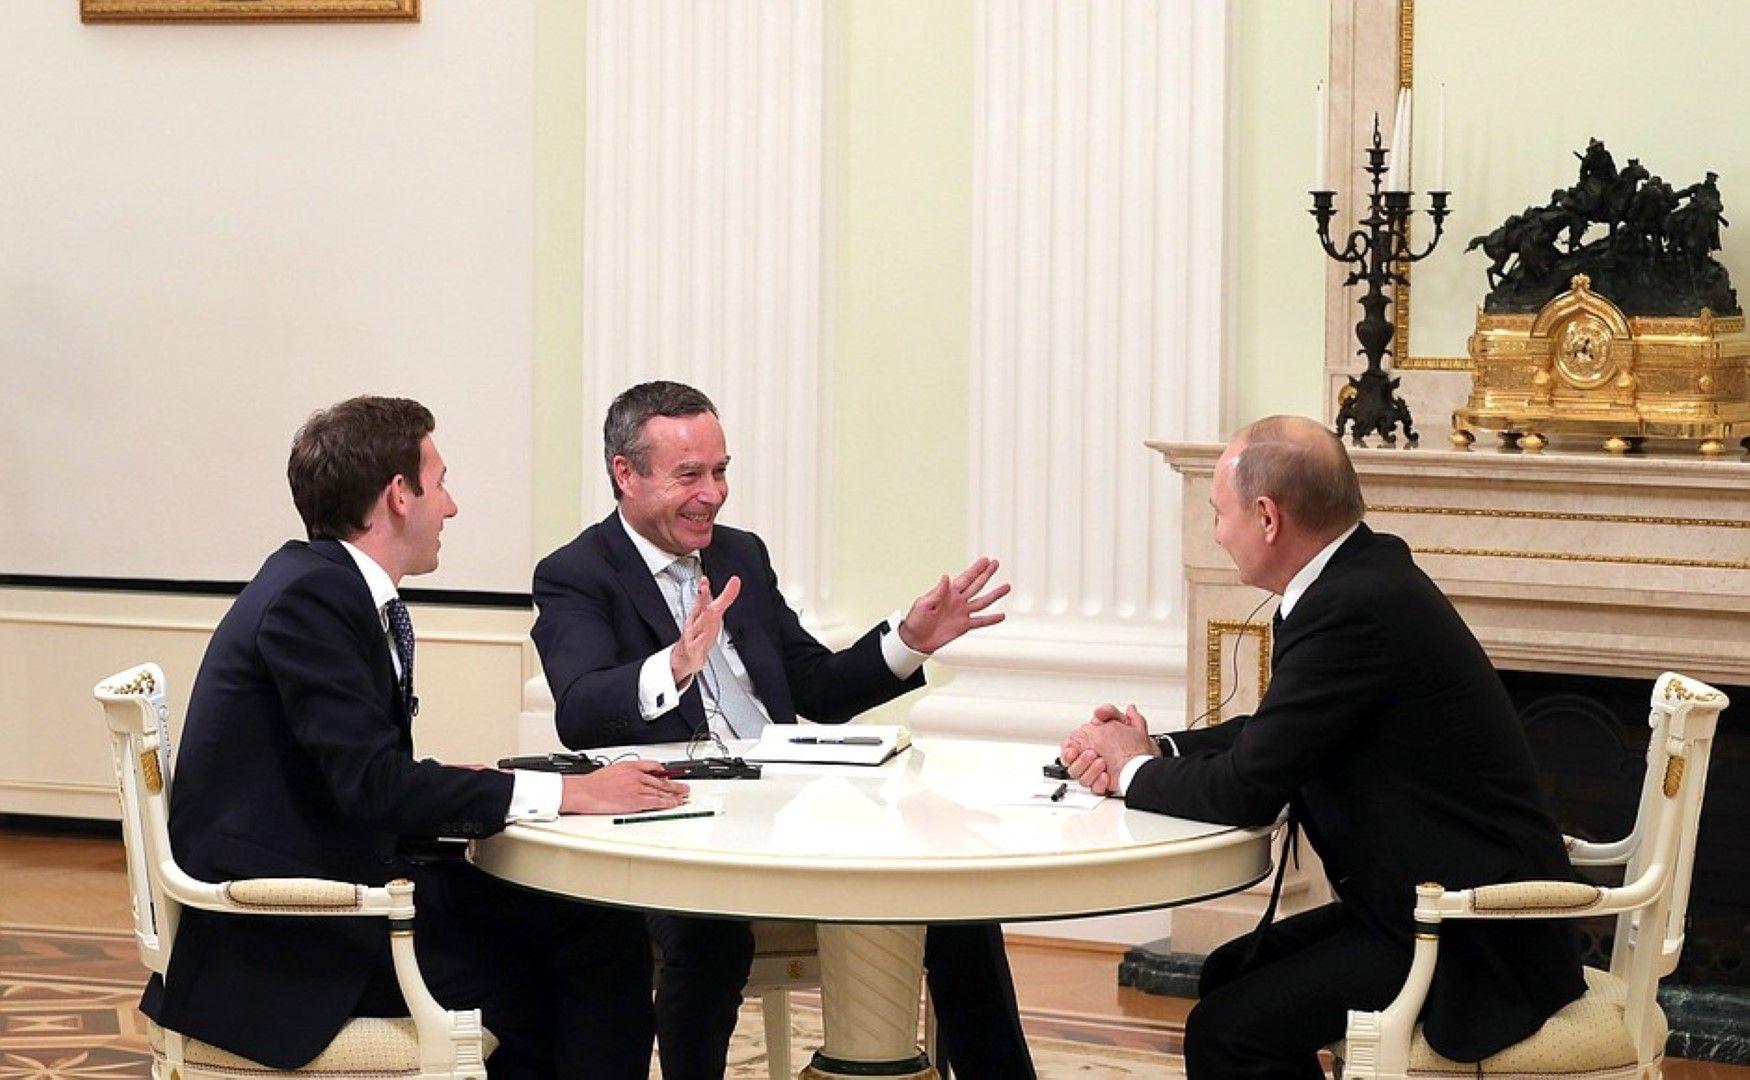 В навечерието на срещата на Г-20 Владимир Путин разговаря с  редактора от Financial Times Лионел Барбър и с шефа на бюрото на FT в Москва Хенри Фо